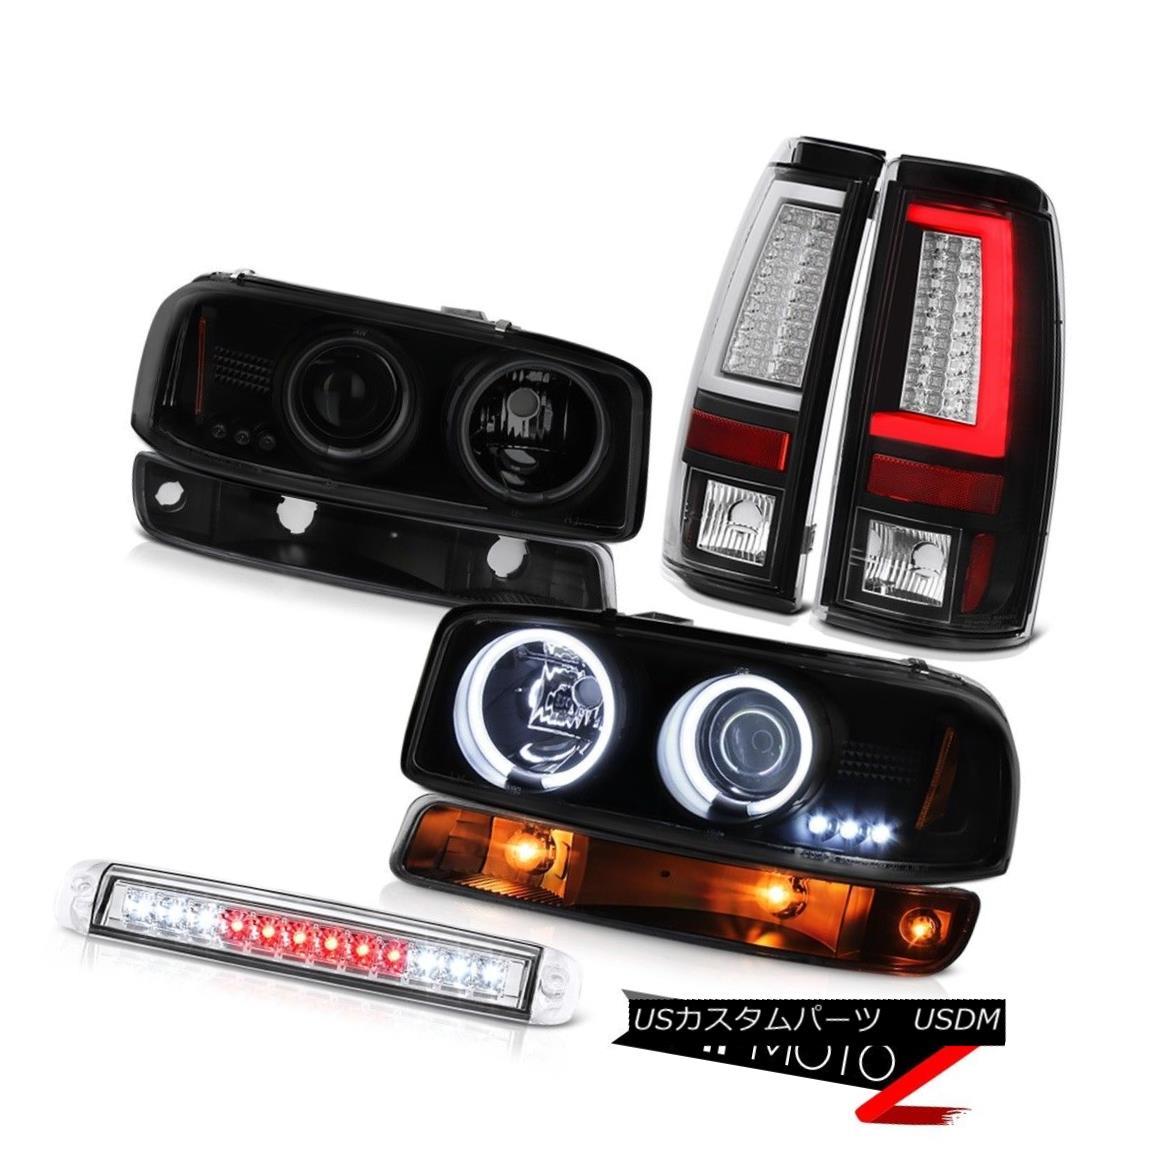 テールライト 1999-2006 Sierra SL Tail Lights Third Brake Lamp Signal CCFL Headlamps Dual Halo 1999-2006 Sierra SLテールライト第3ブレーキランプ信号CCFLヘッドランプデュアルヘイロー